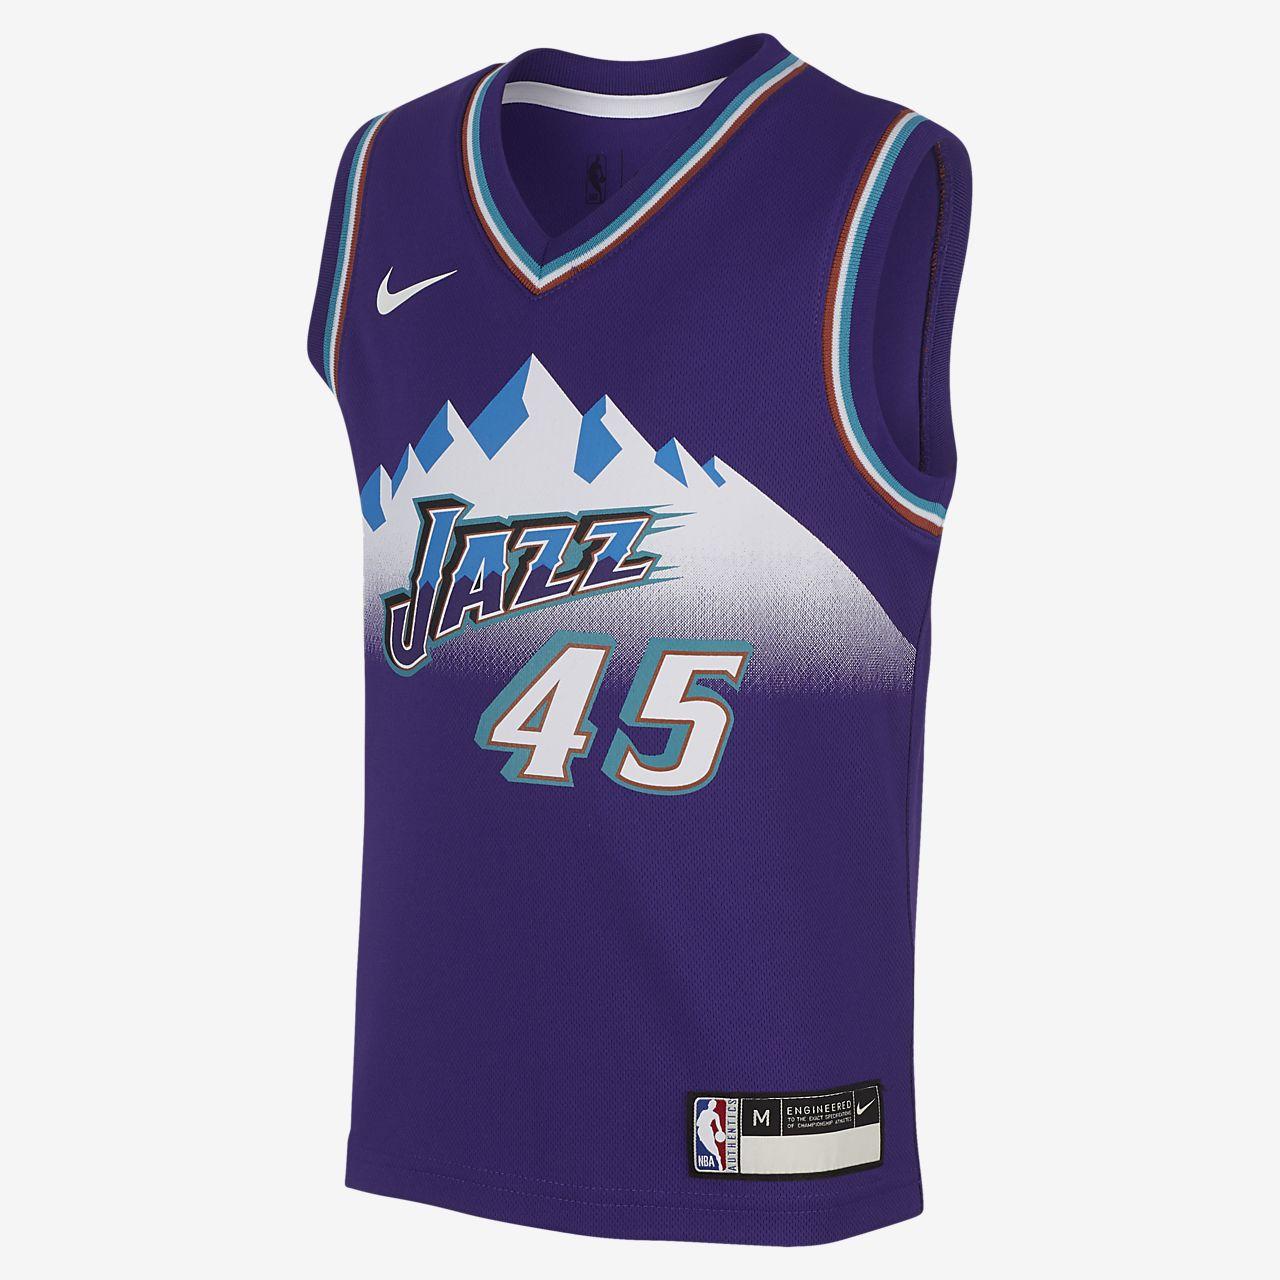 犹他爵士队 (Donovan Mitchell) Classic Edition Nike NBA Replica Jersey 幼童球衣